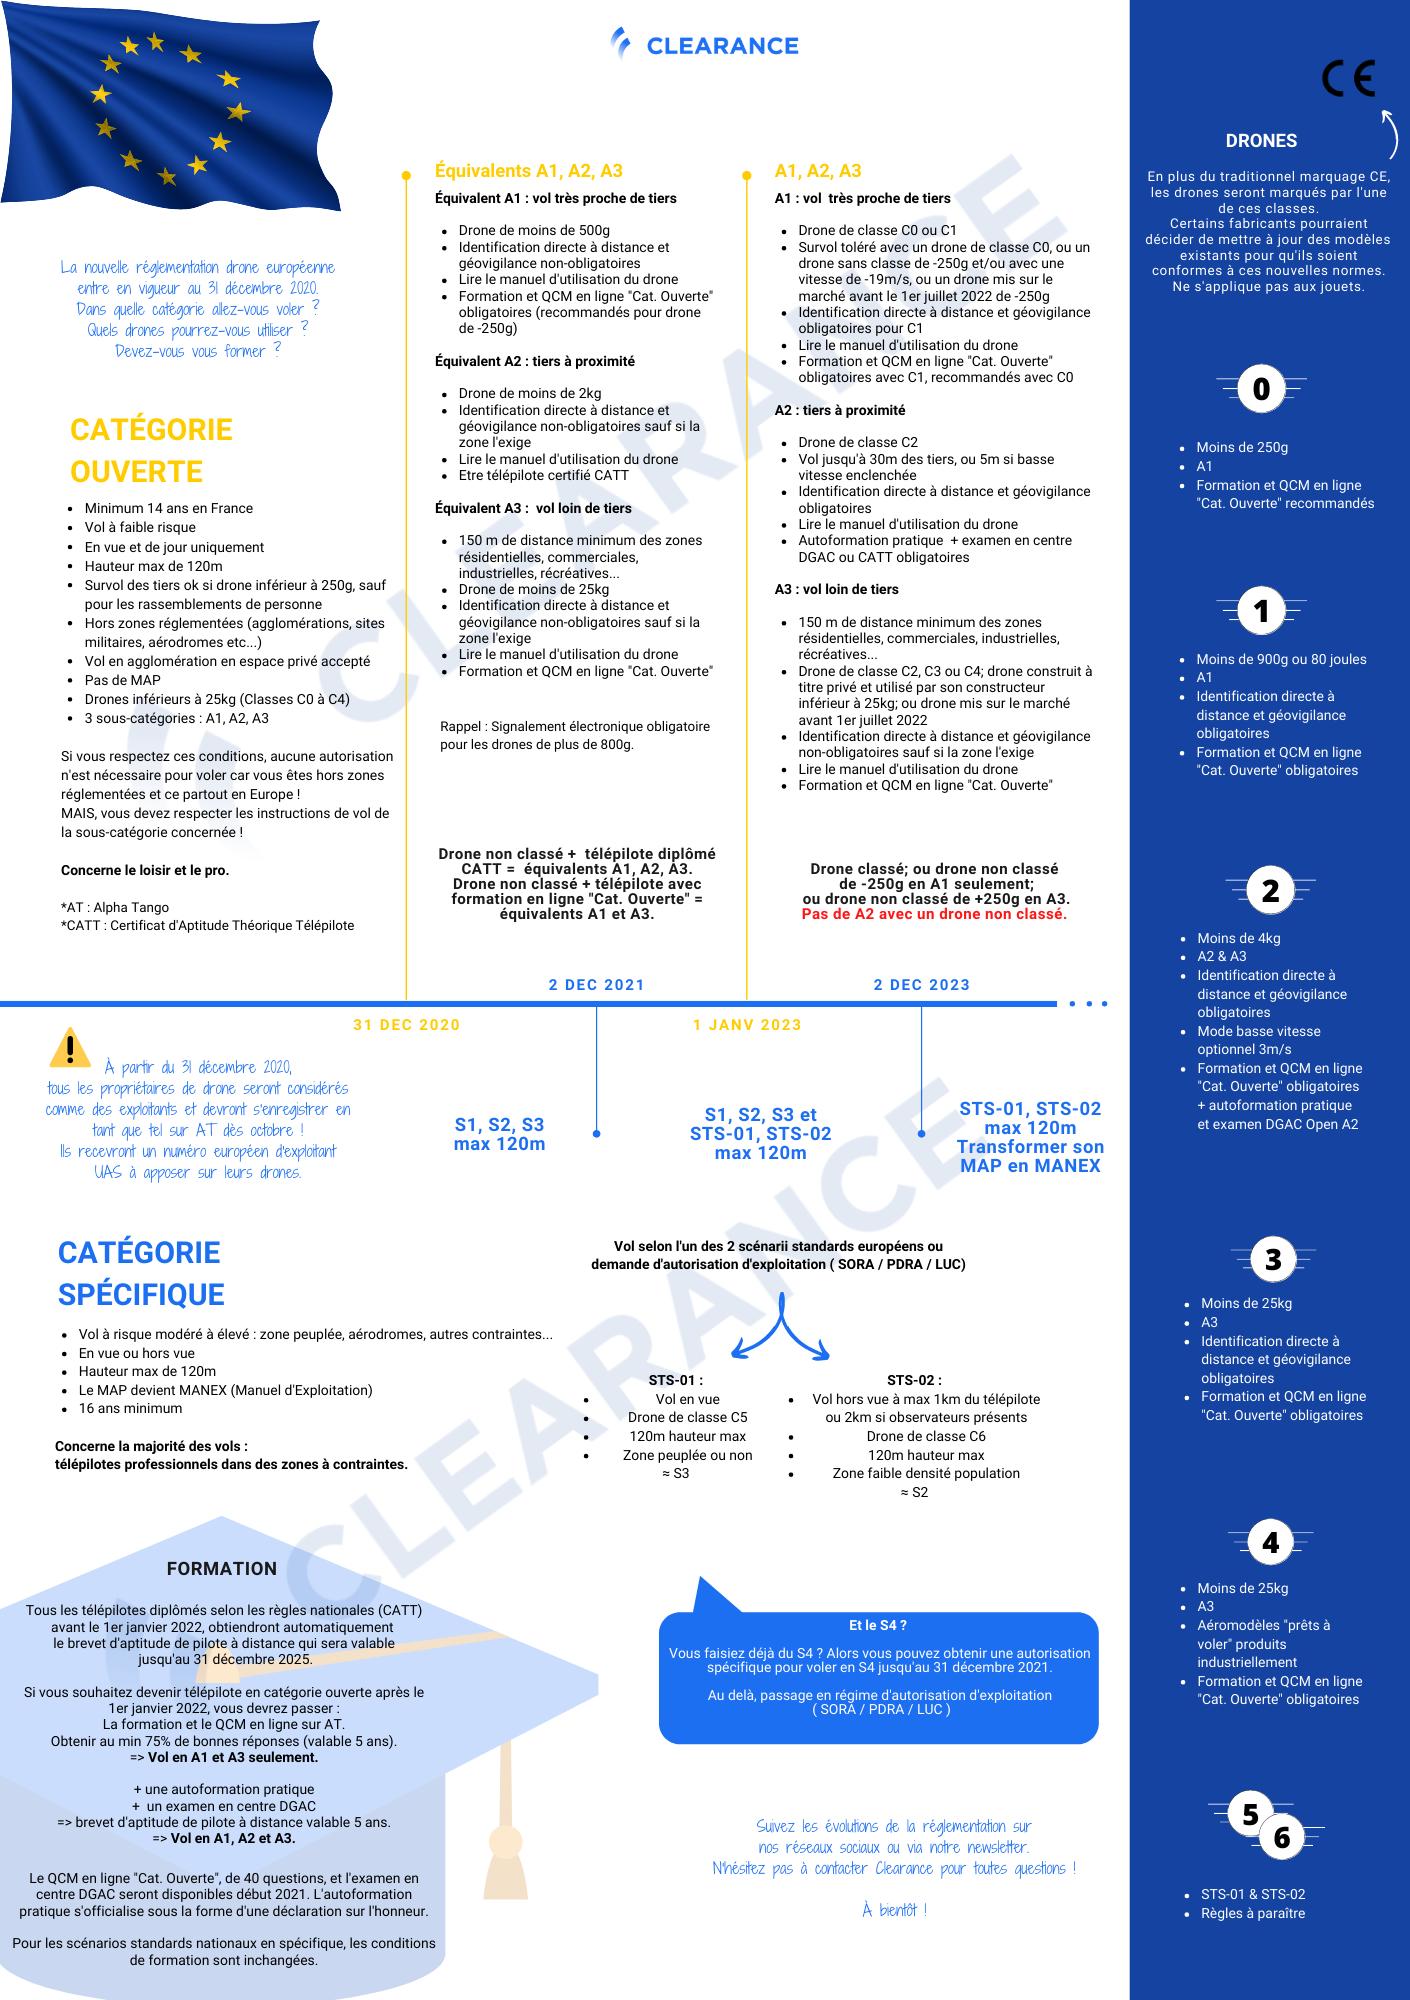 Clearance Infographie Future Réglementation Drone Européenne